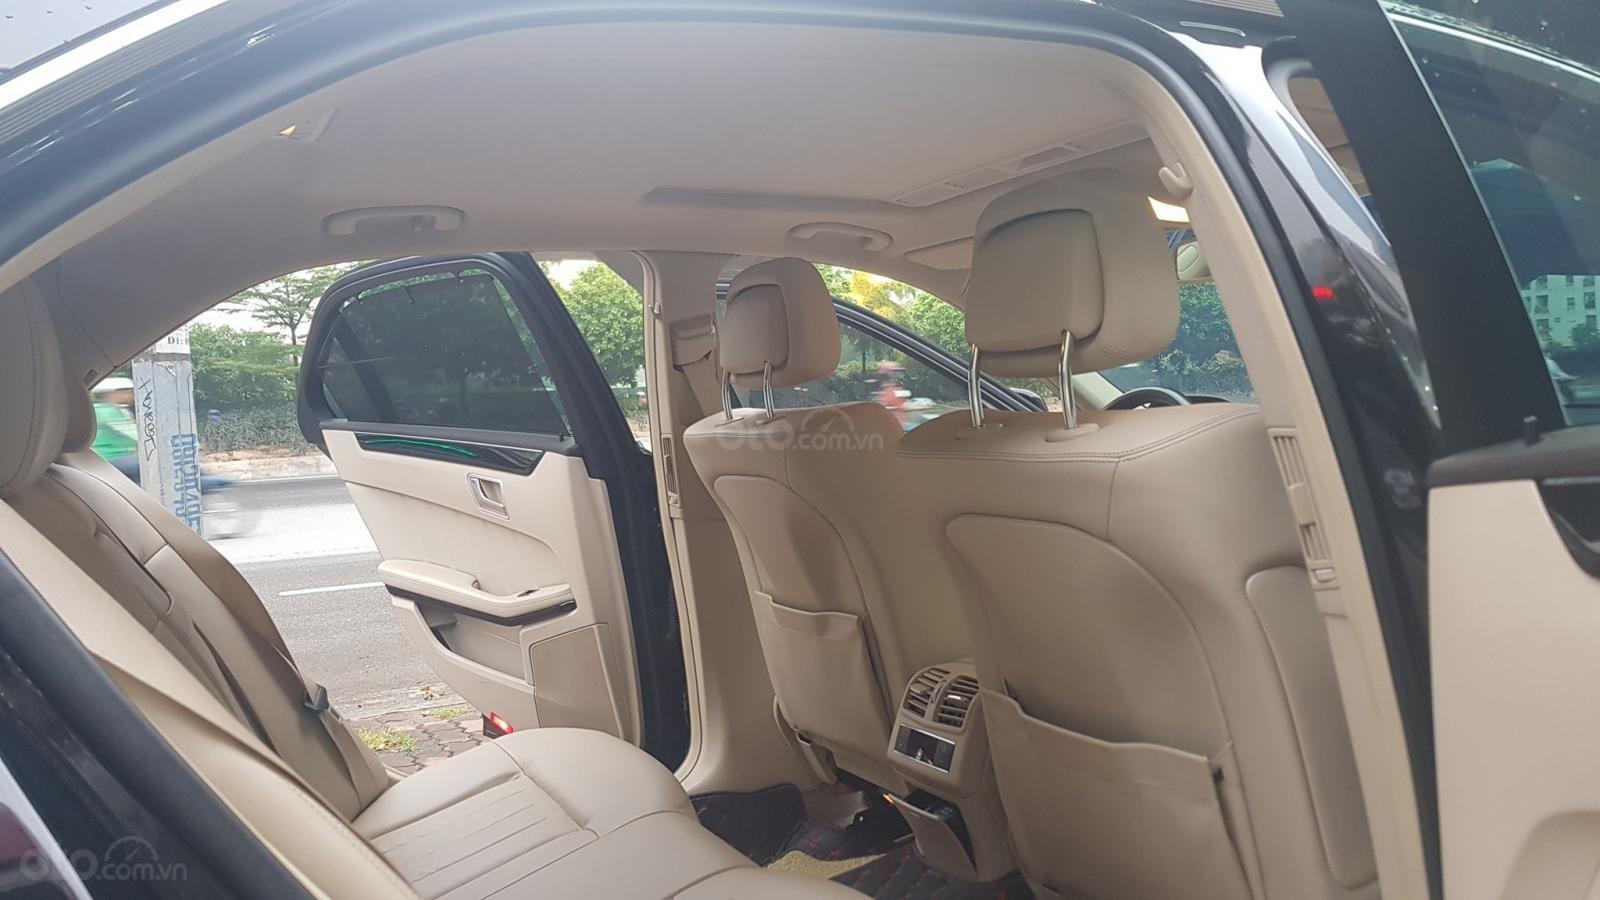 Cần bán xe Mercedes E250 CGI sản xuất 2013 đăng ký cá nhân (12)